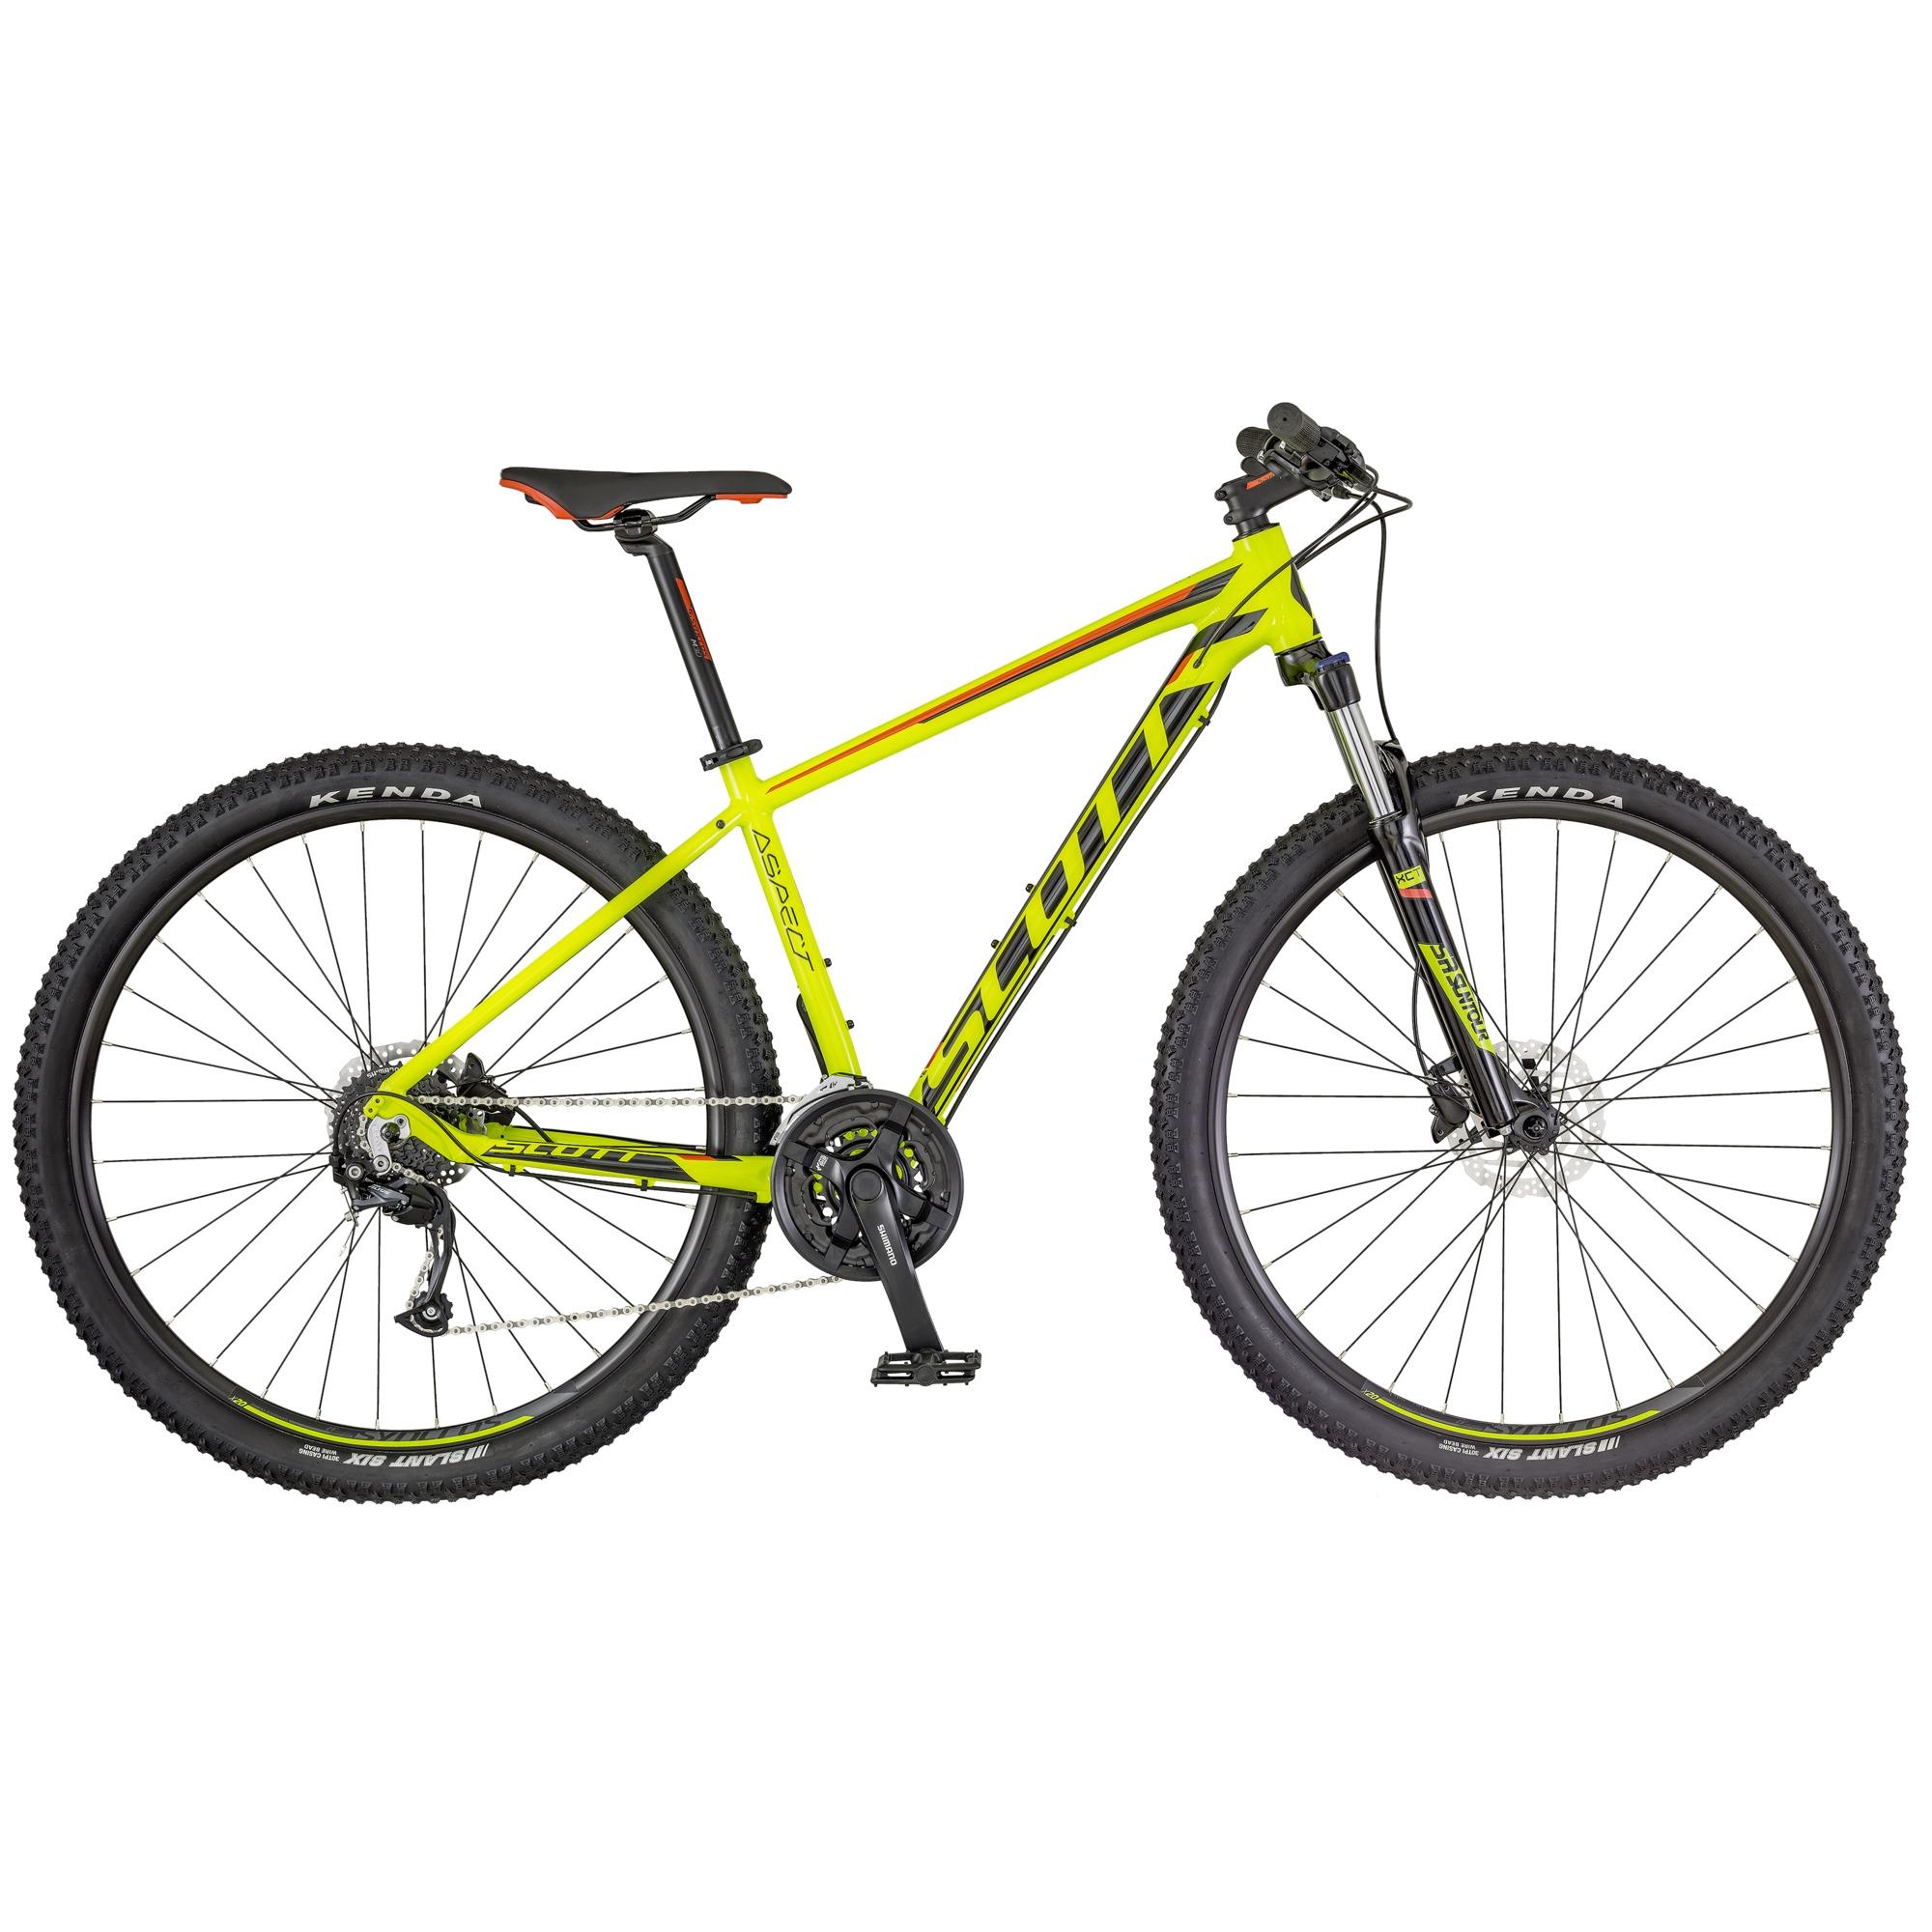 SCOTT Aspect 750 Bike gelb/rot XS - SCOTT Aspect 750 Bike gelb/rot XS